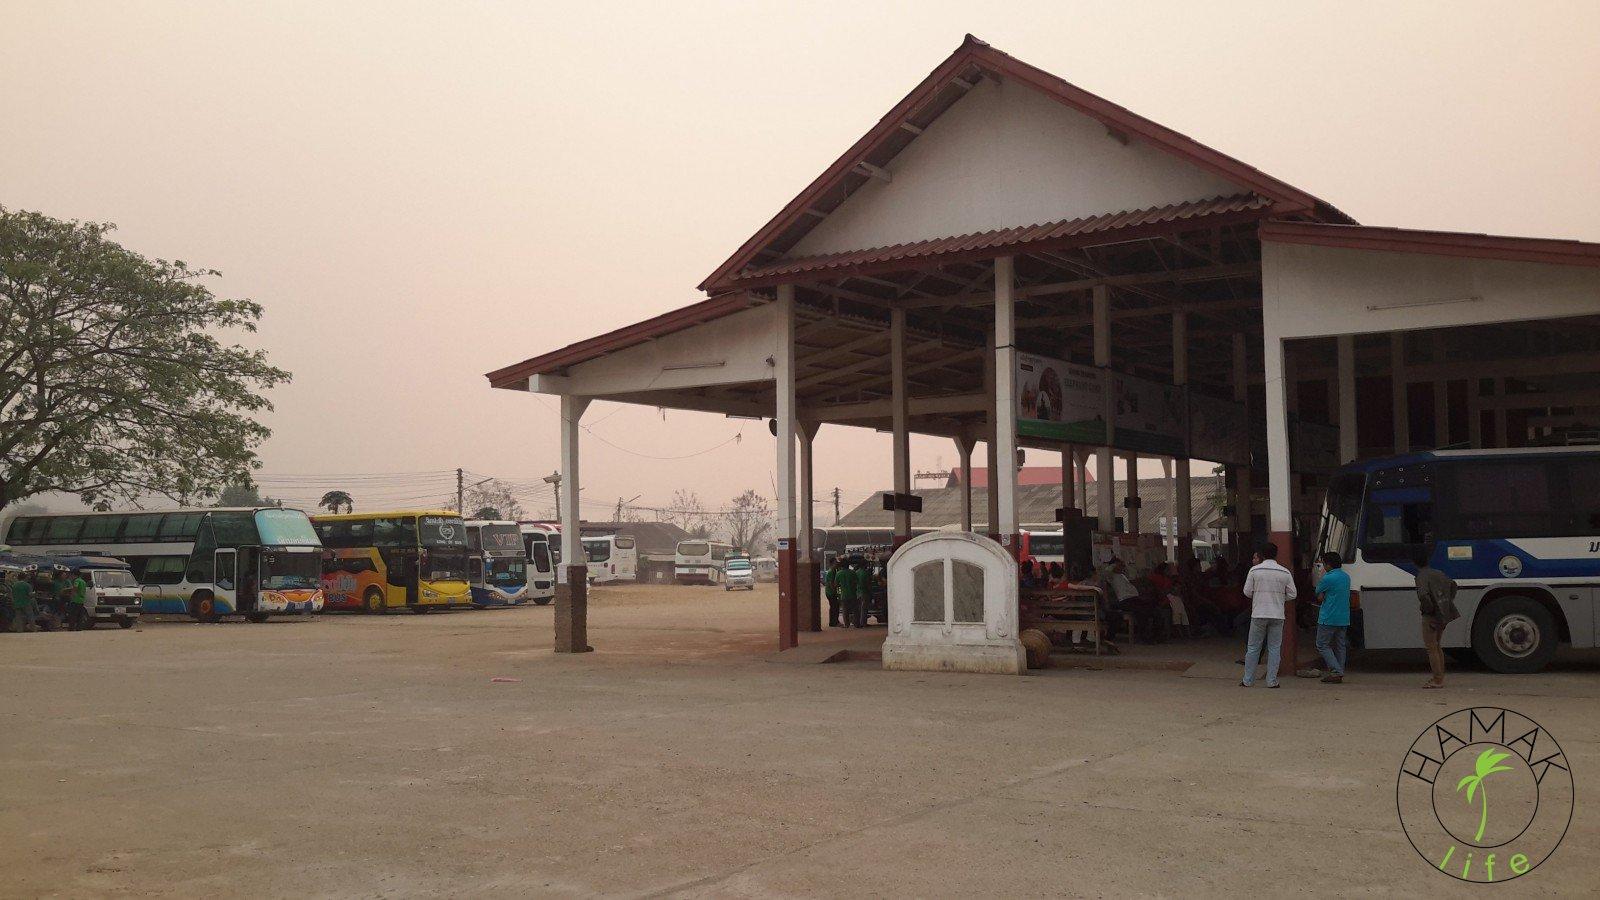 bus terminal in Laos, Luang Prabang